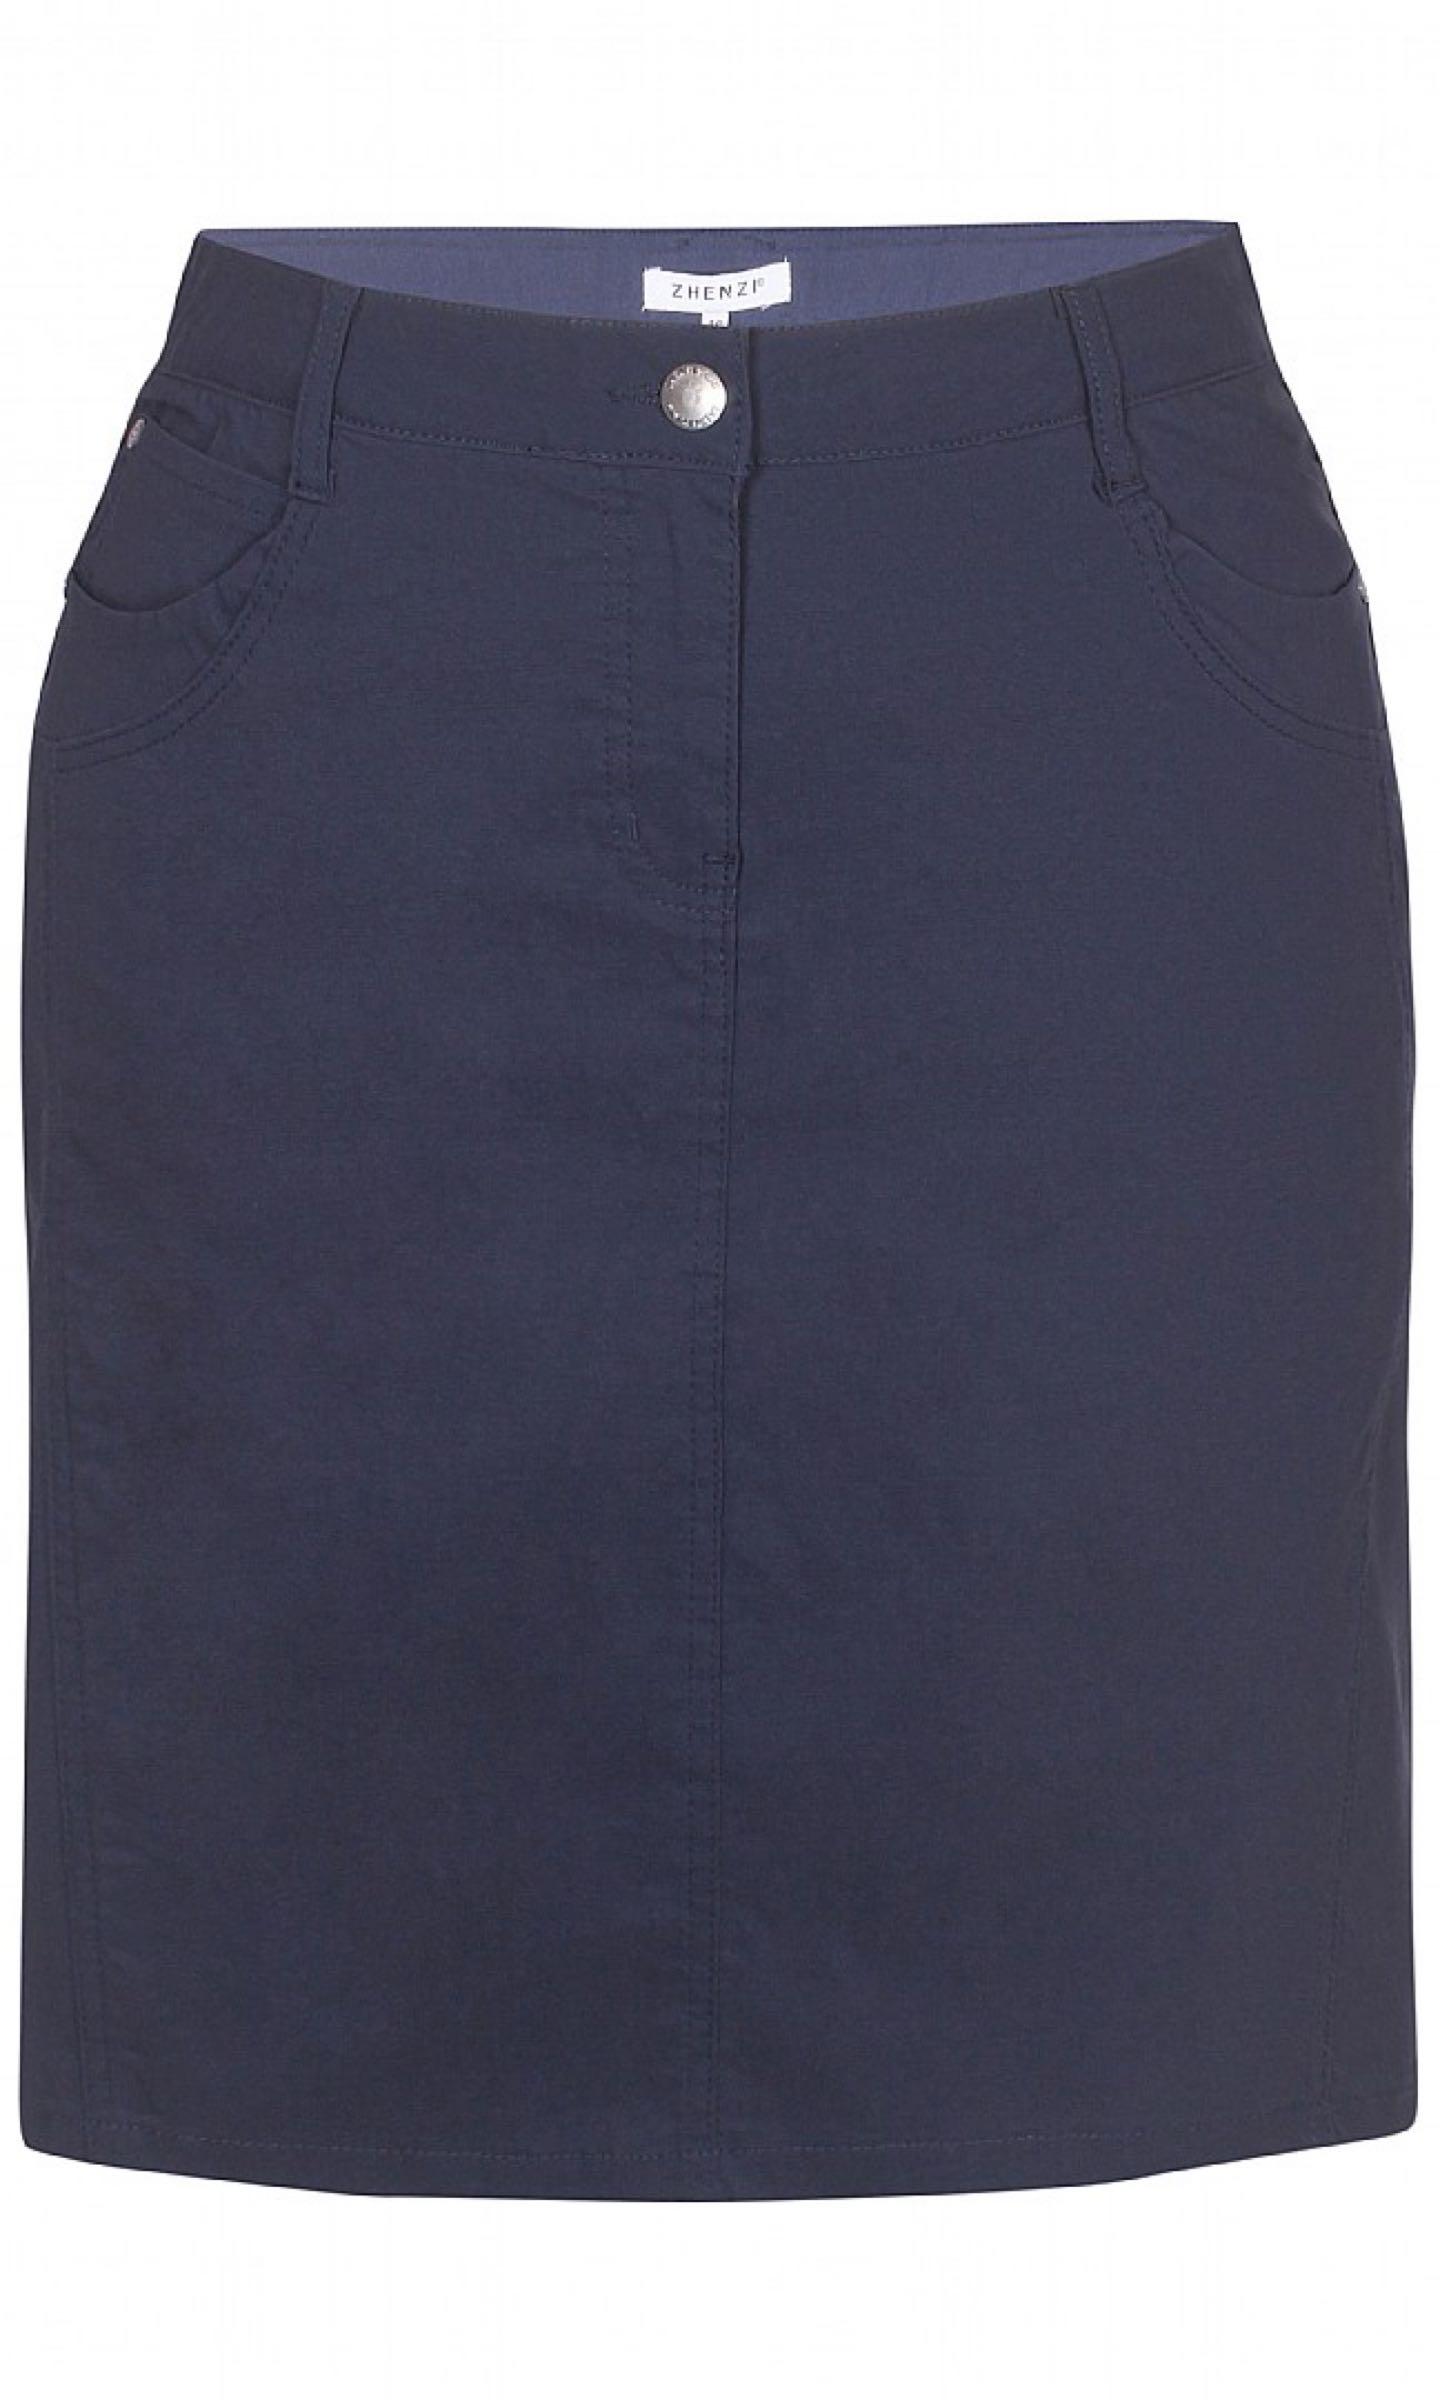 Kjol med innerbyxa, mörkblå